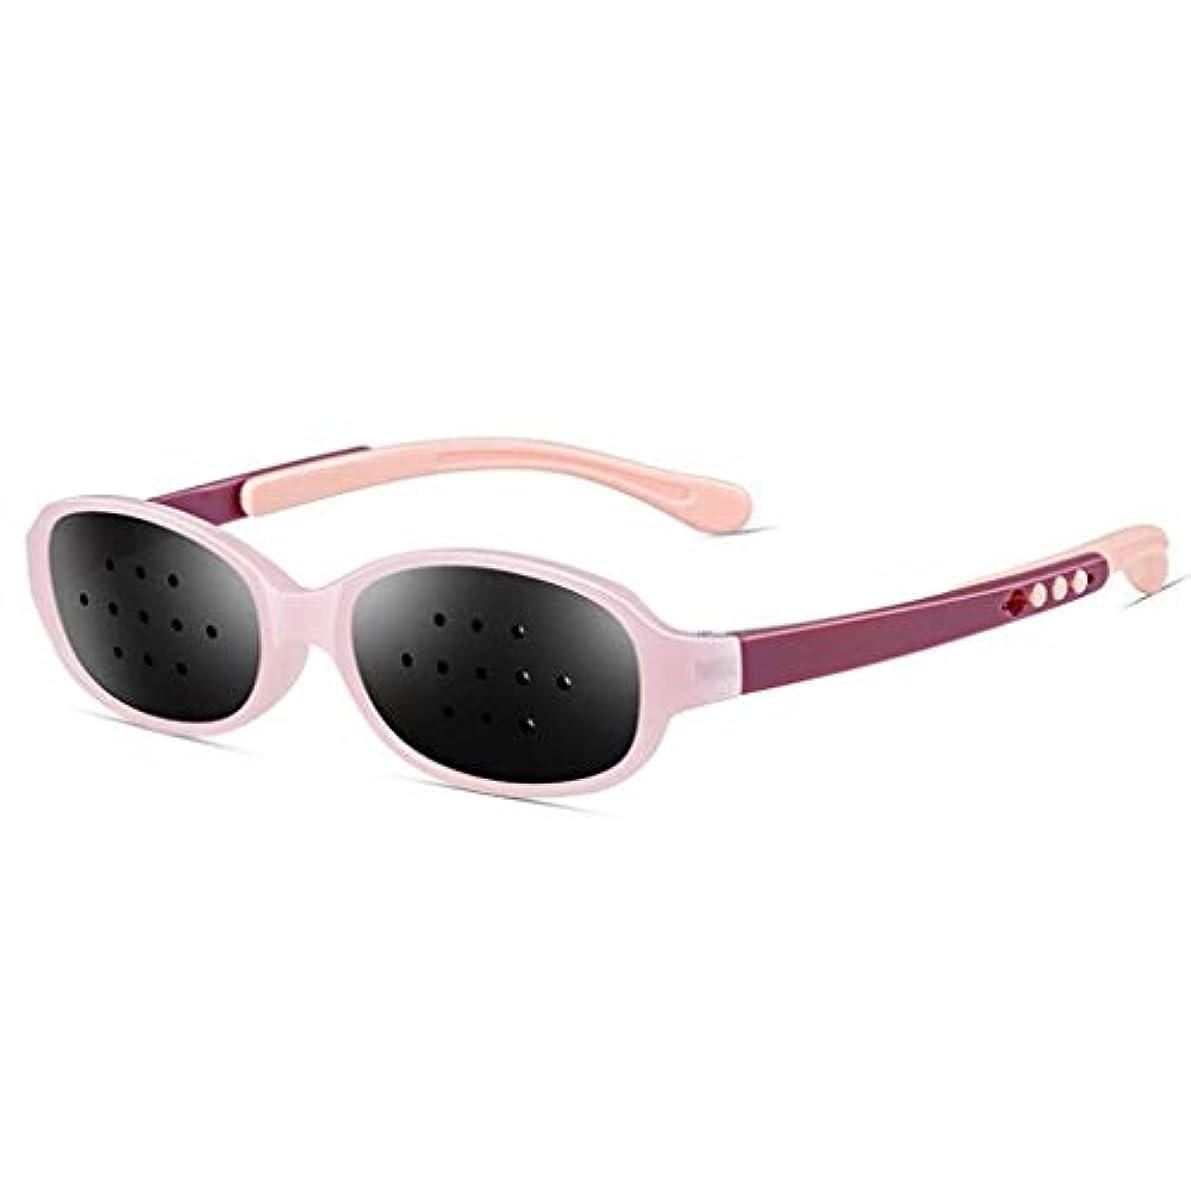 言い直す何でもミトンピンホールメガネ、視力矯正メガネ網状視力保護メガネ耐疲労性メガネ近視の防止メガネの改善 (Color : 紫の)